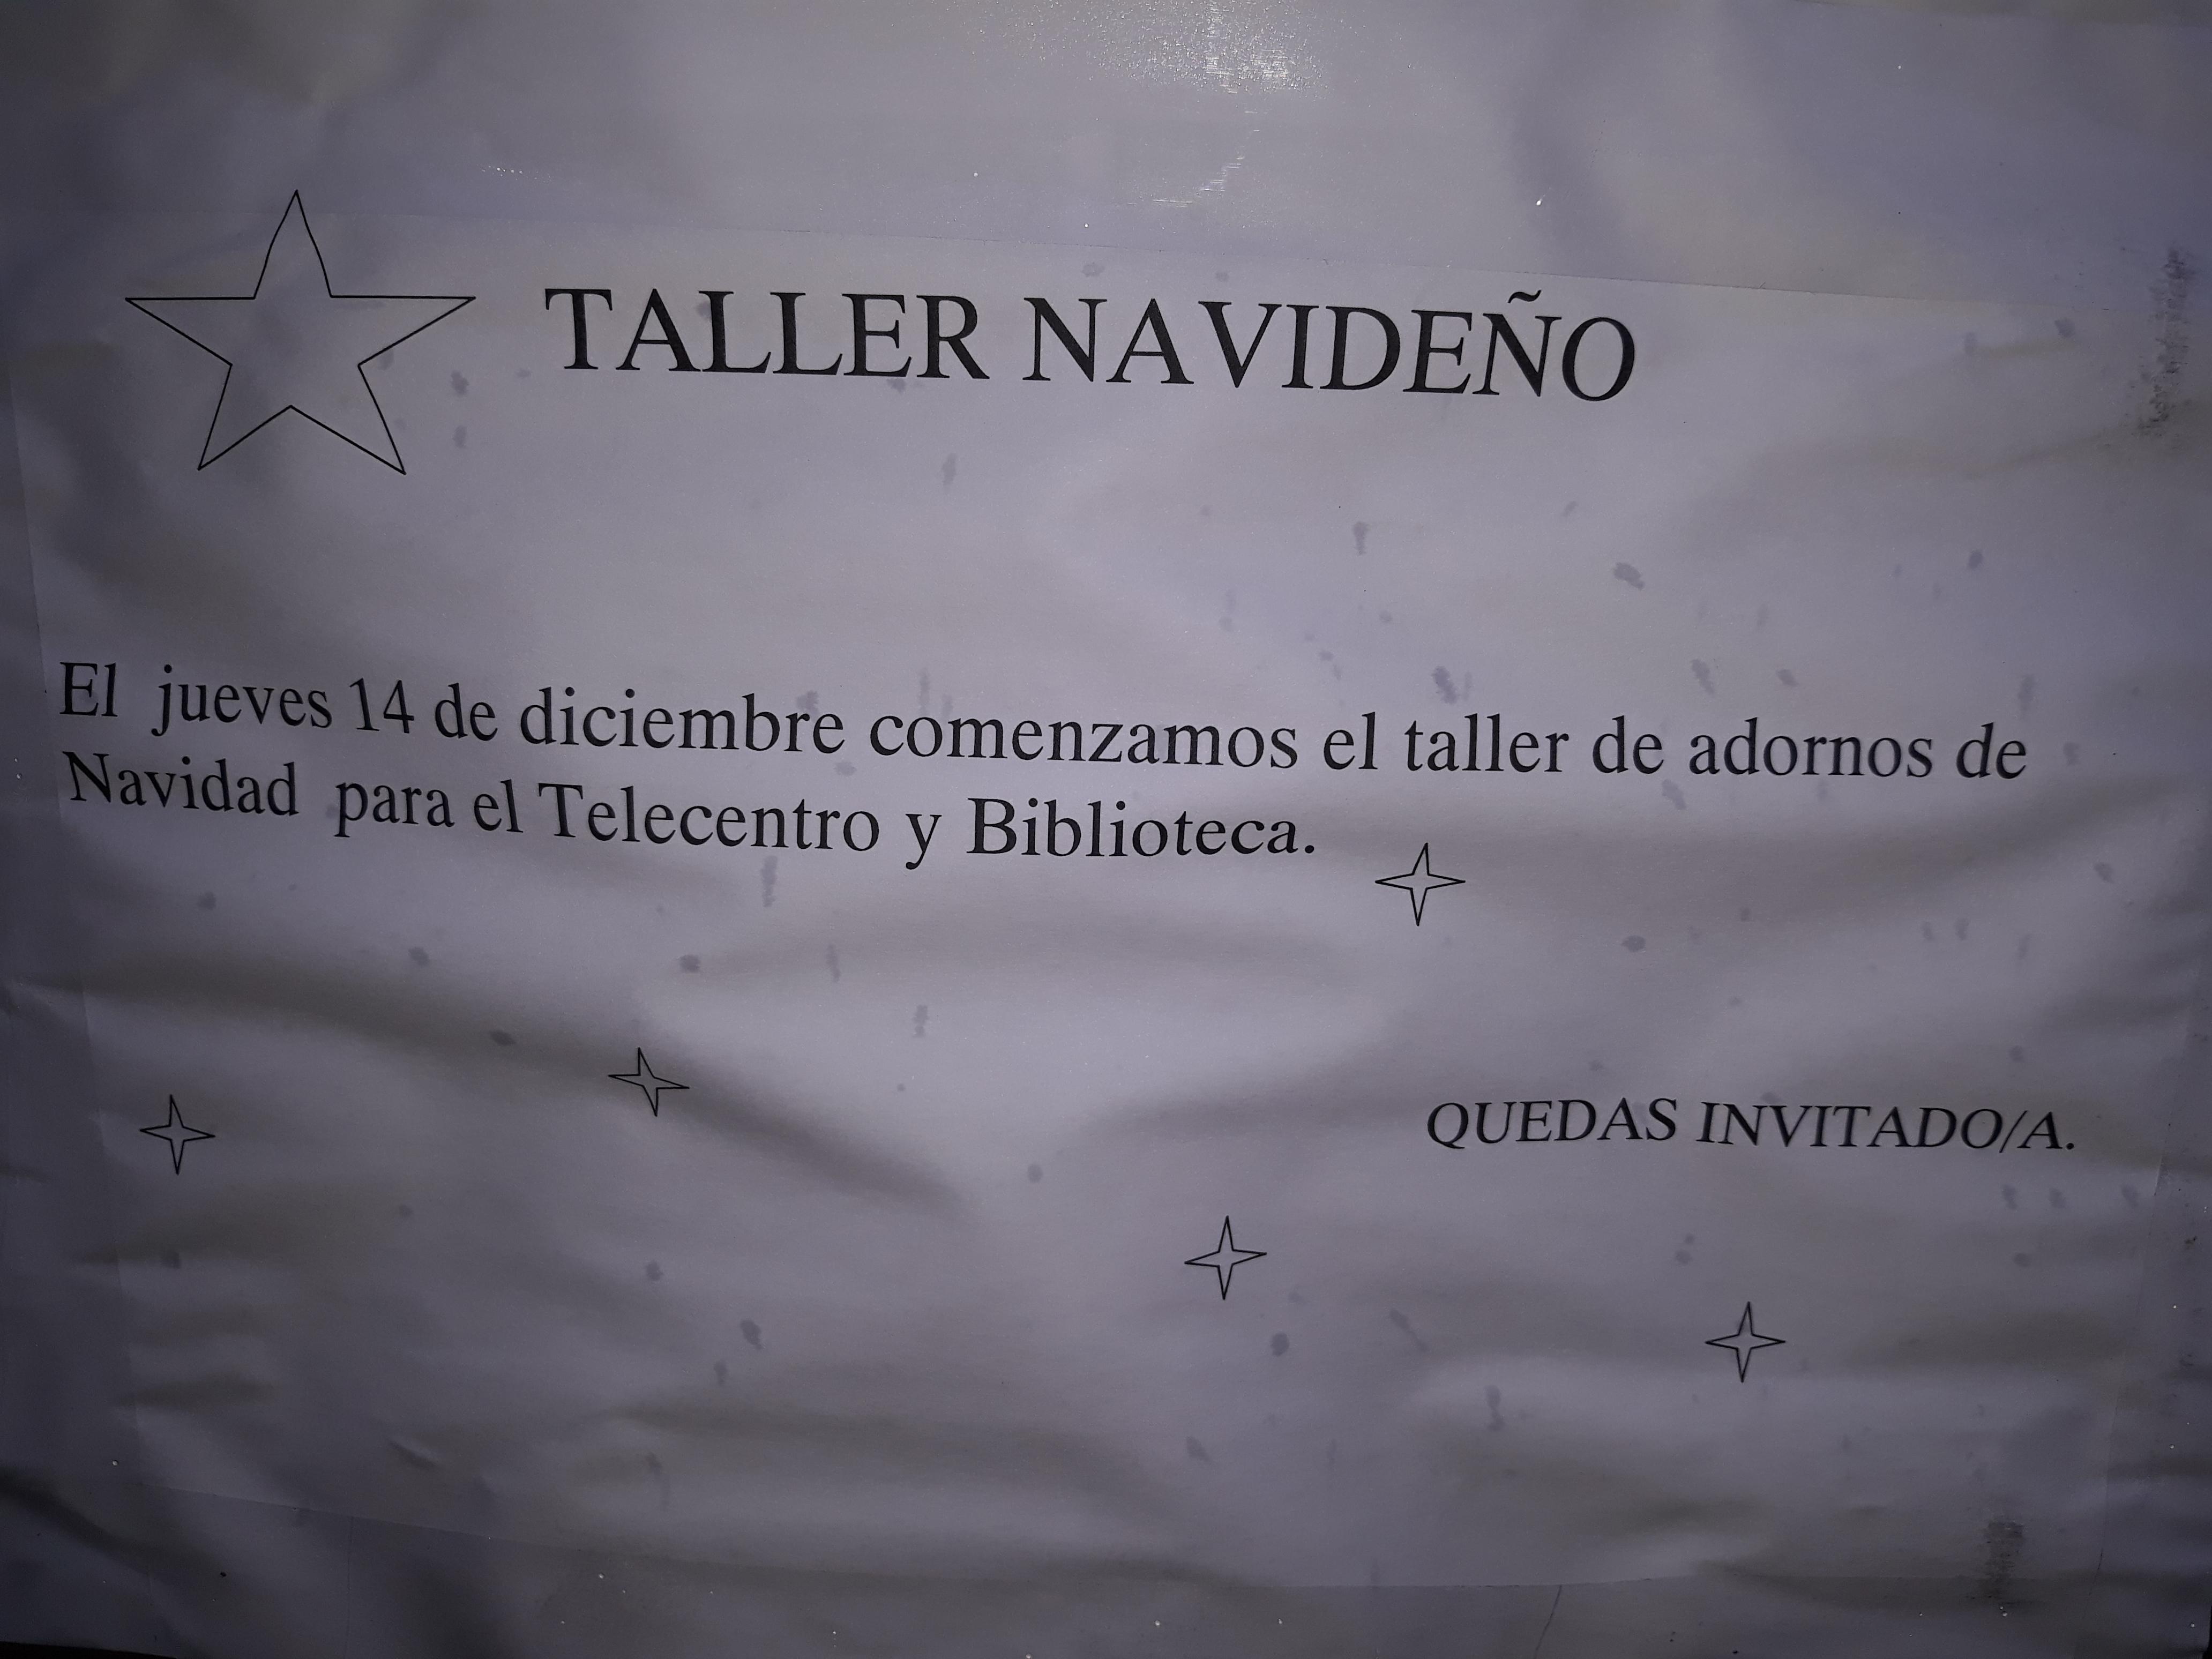 TALLER DE ADORNOS NAVIDEÑOS